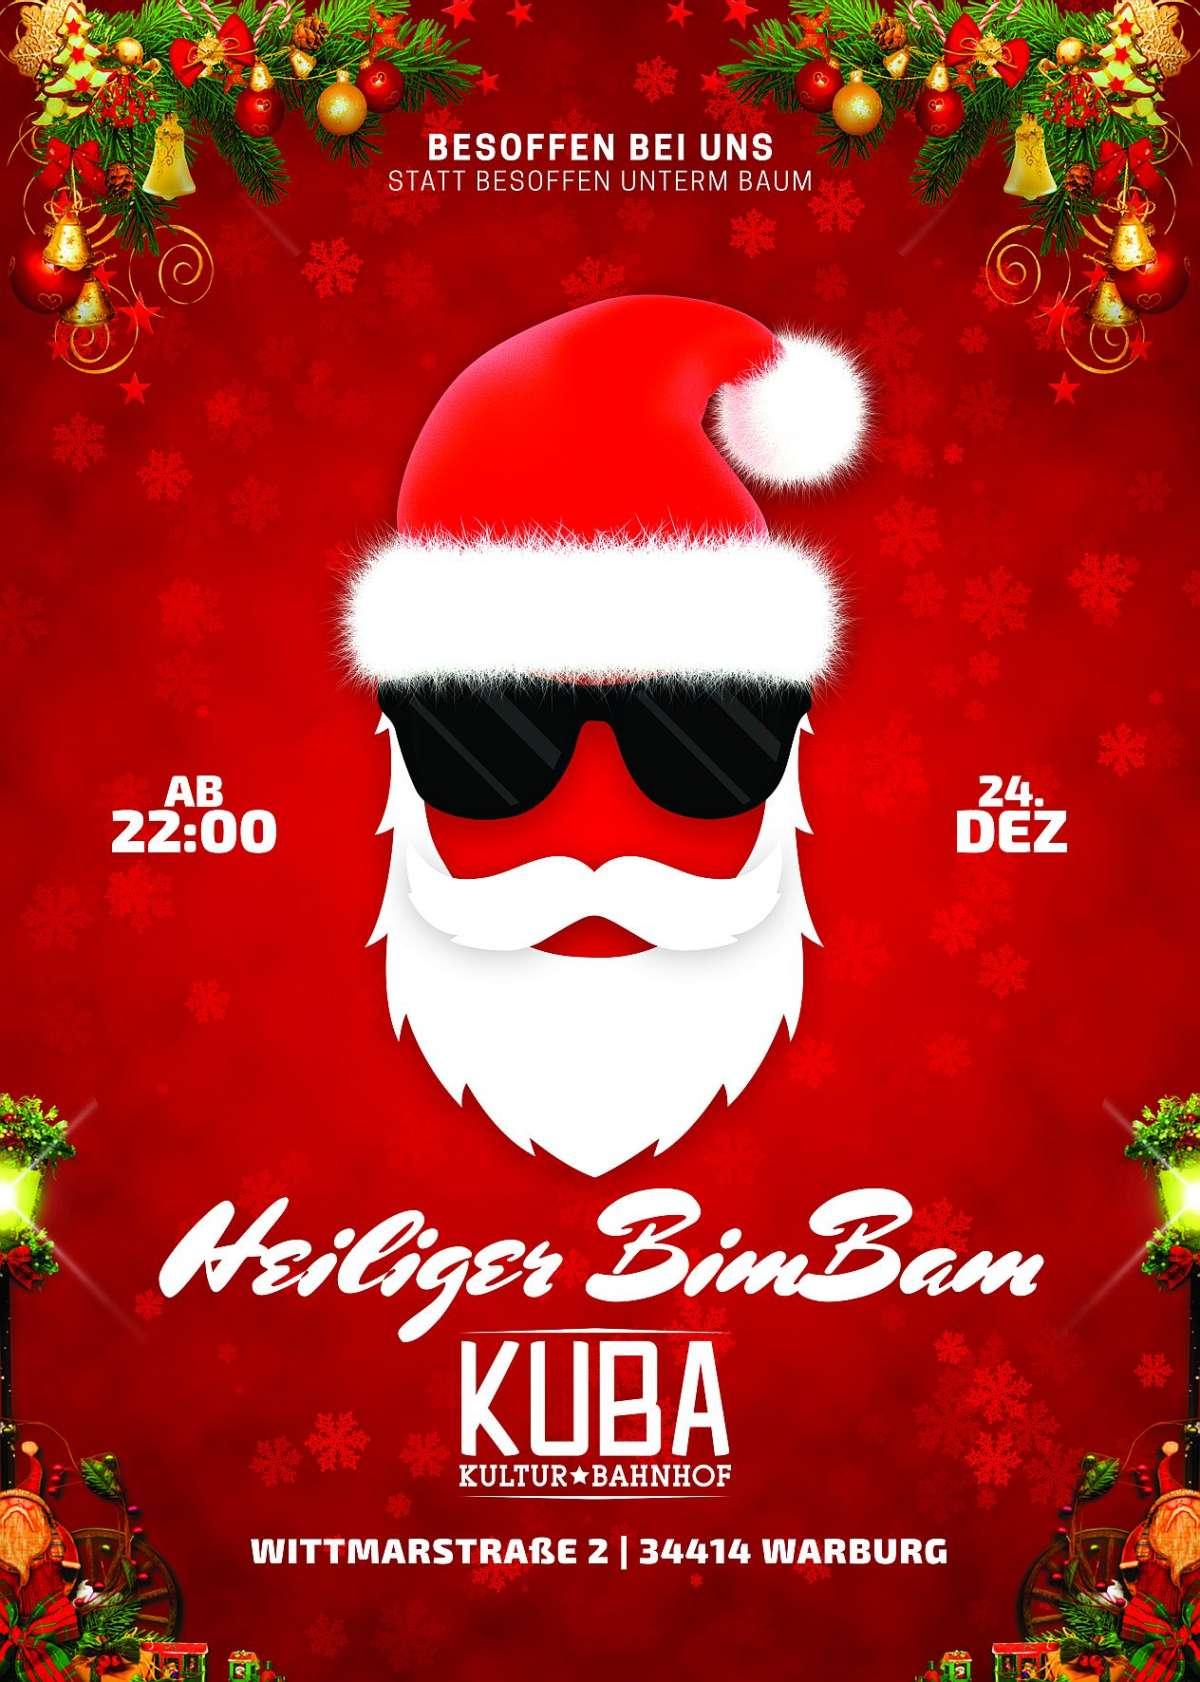 Veranstaltungen & Events am »Dienstag, 24. Dezember 2019« in deiner Nähe...